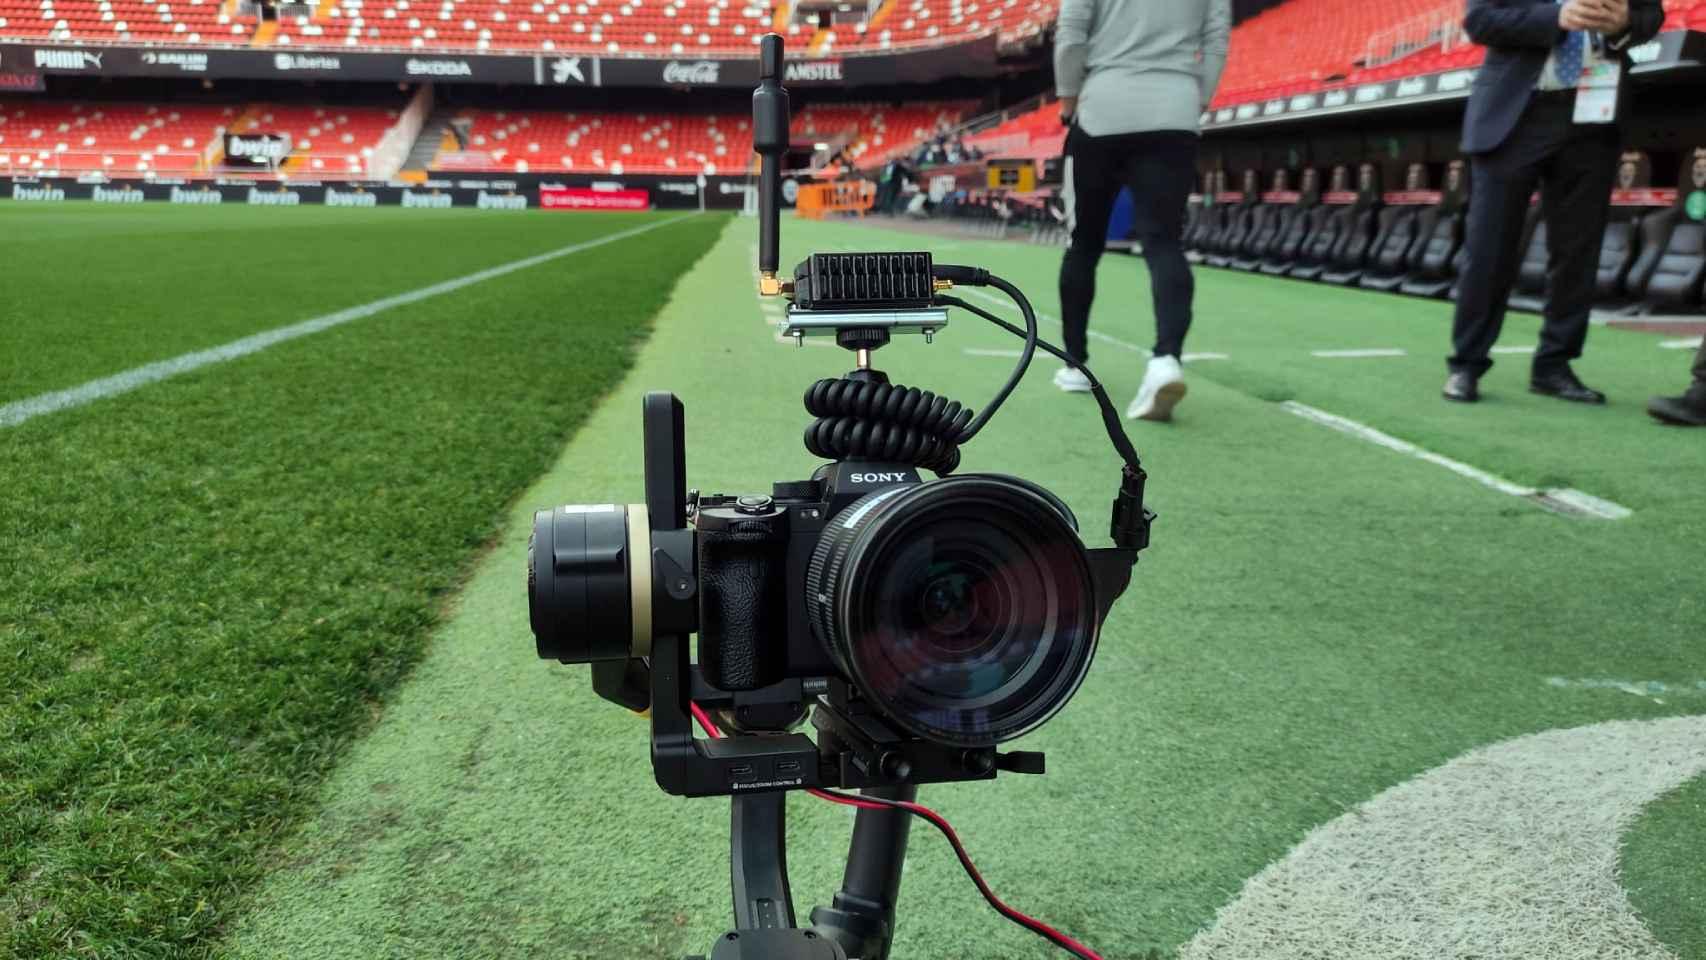 La cámara de Sony que ahora usan en LaLiga.